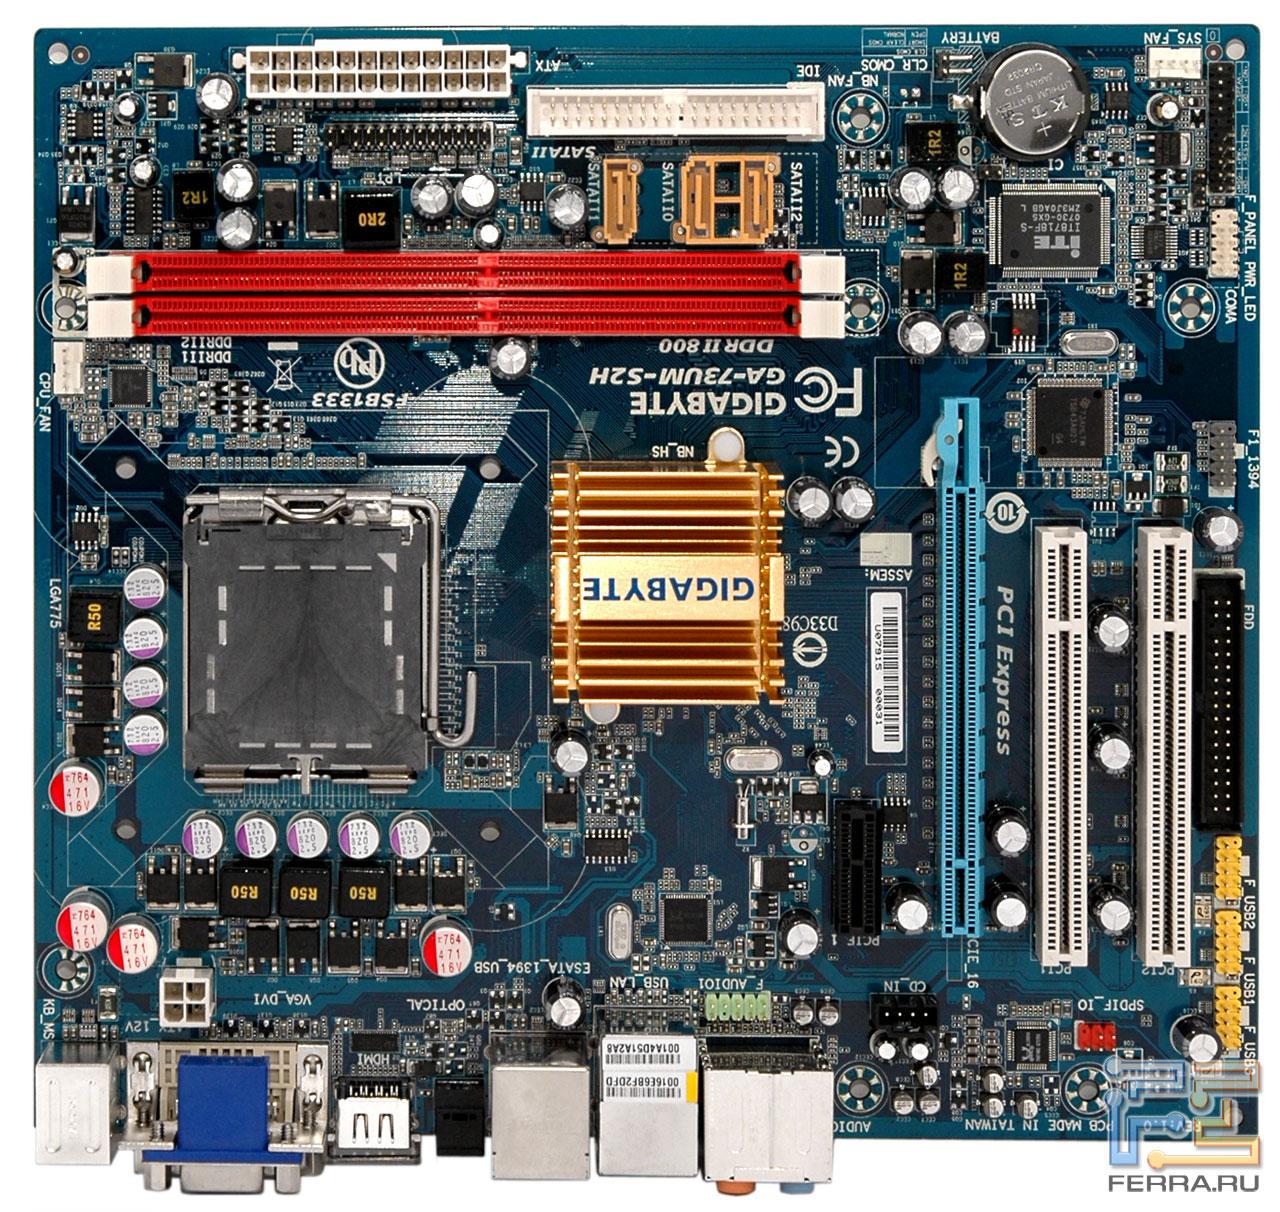 Pc-sense gigabyte ga-73pvm-s2h ??  ??